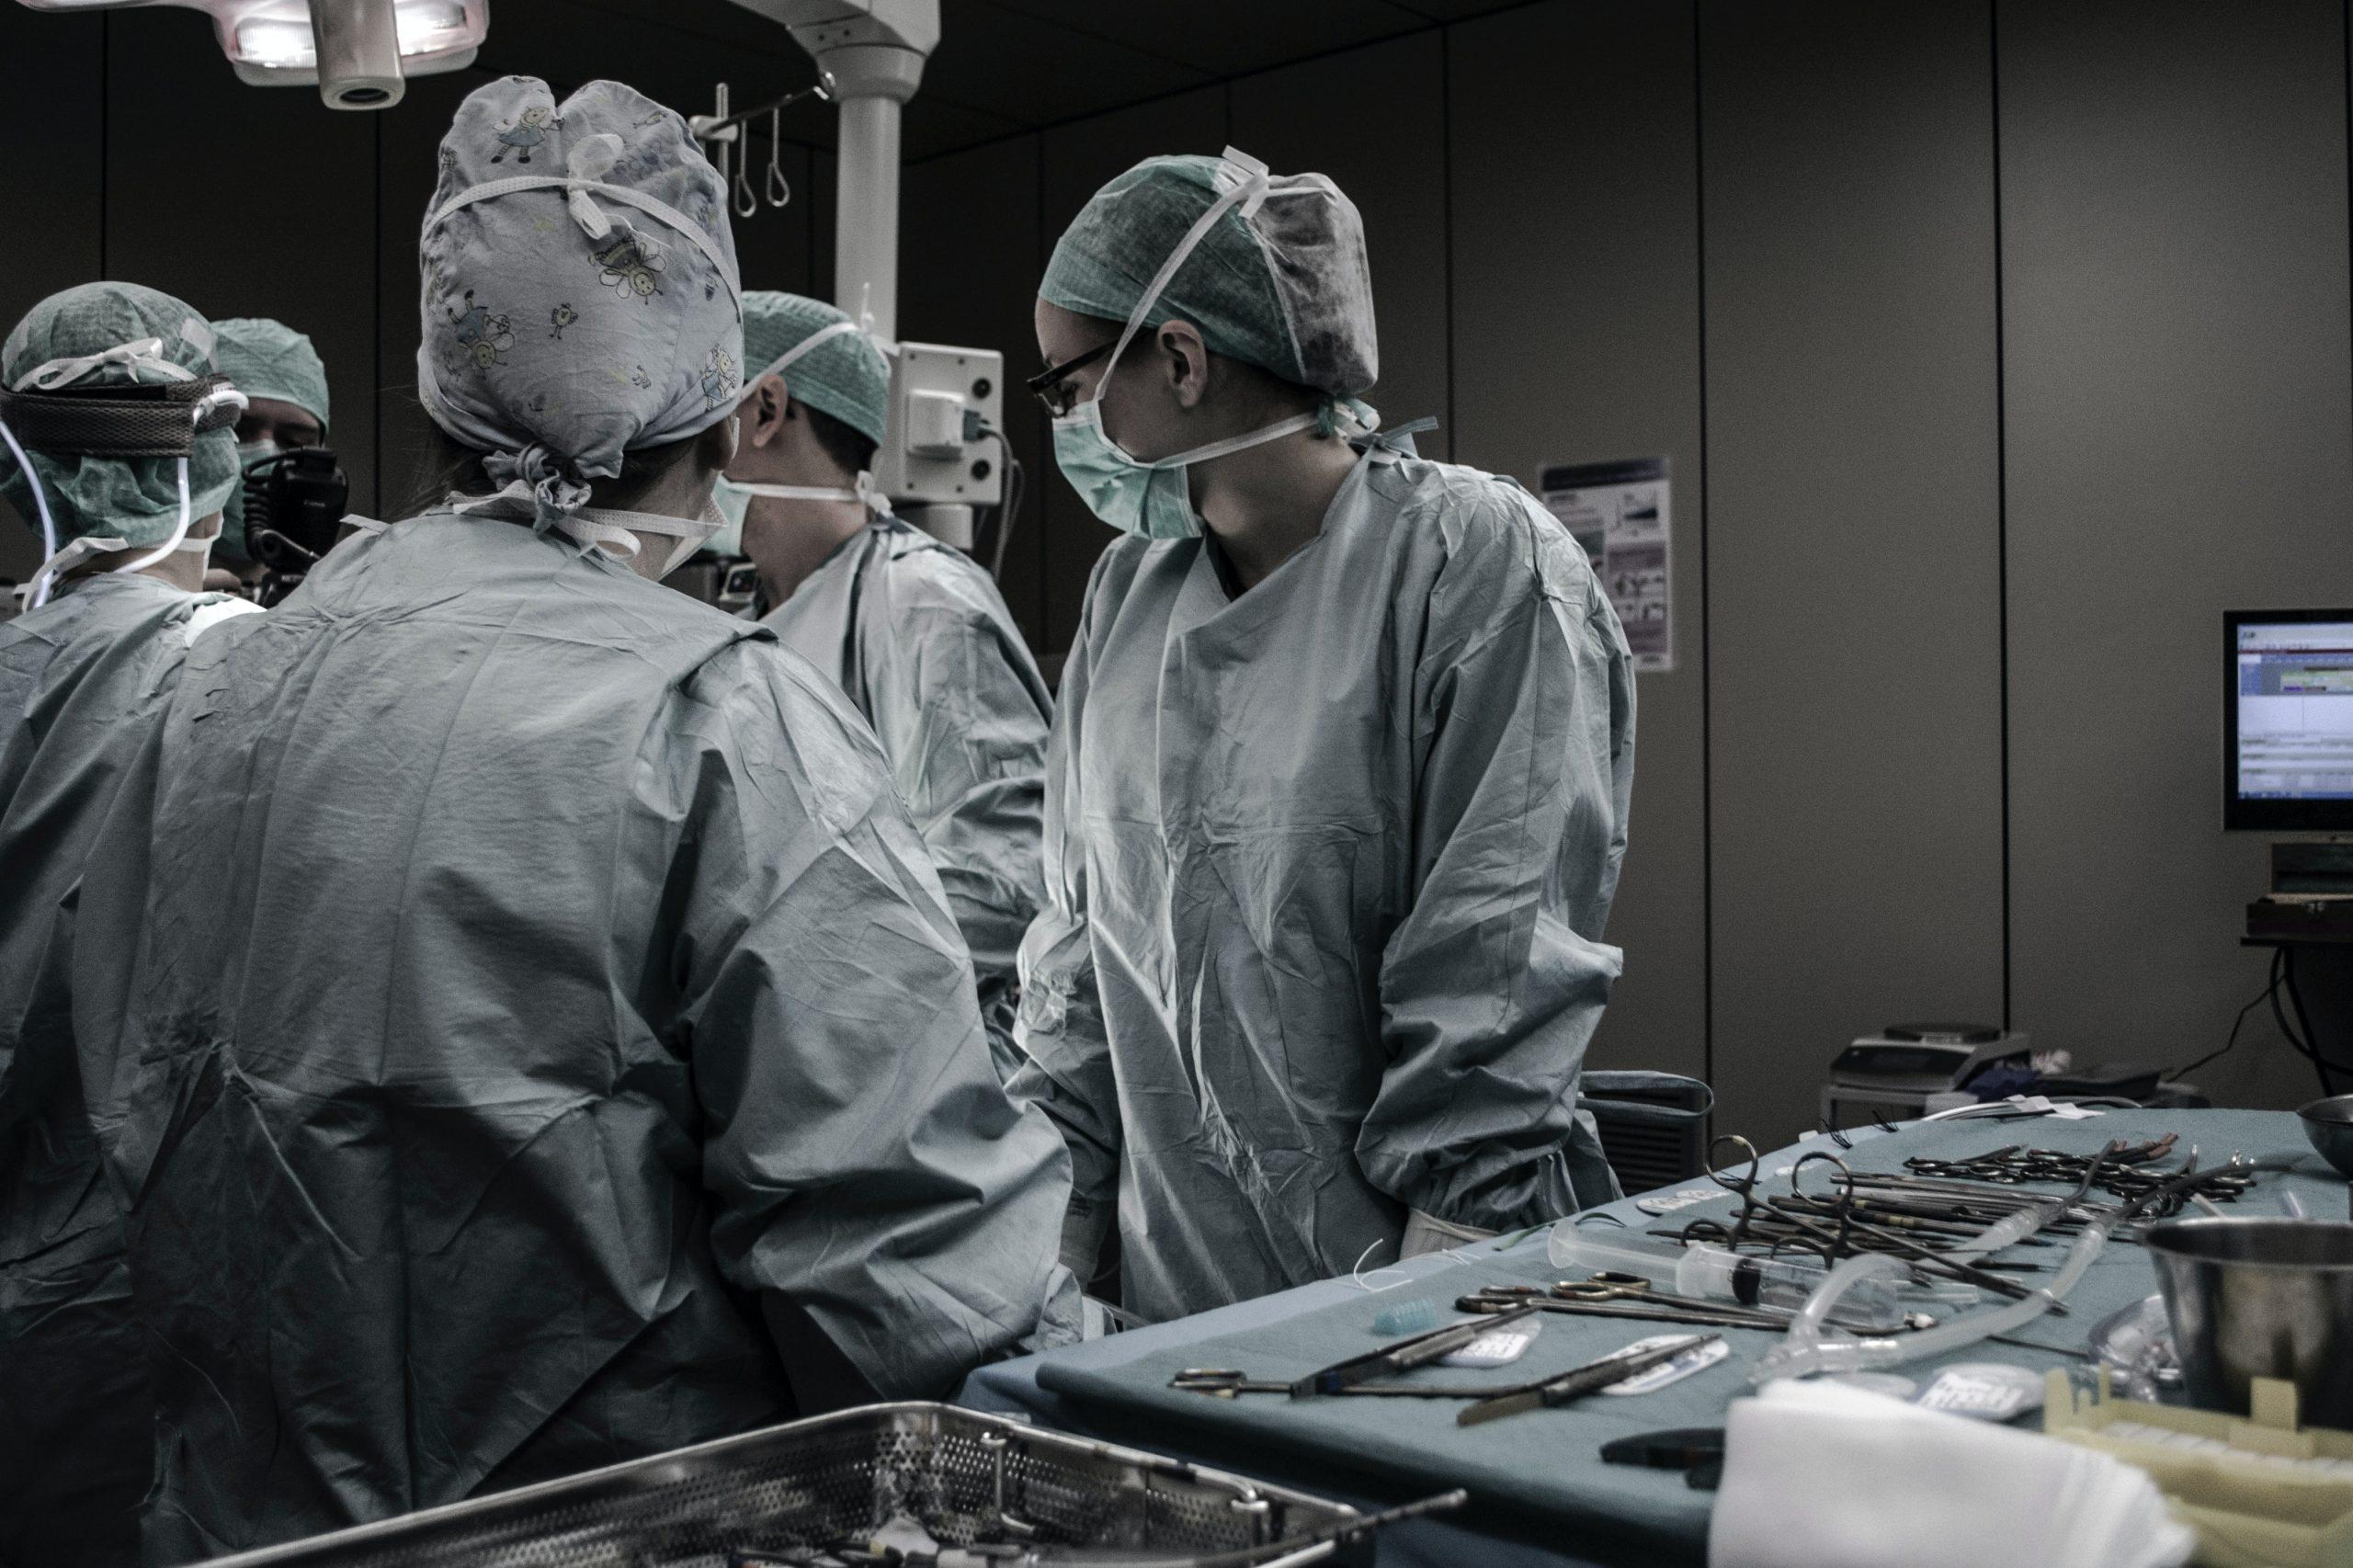 Operadoras de saúde não concordam em manter atendimentos à inadimplentes